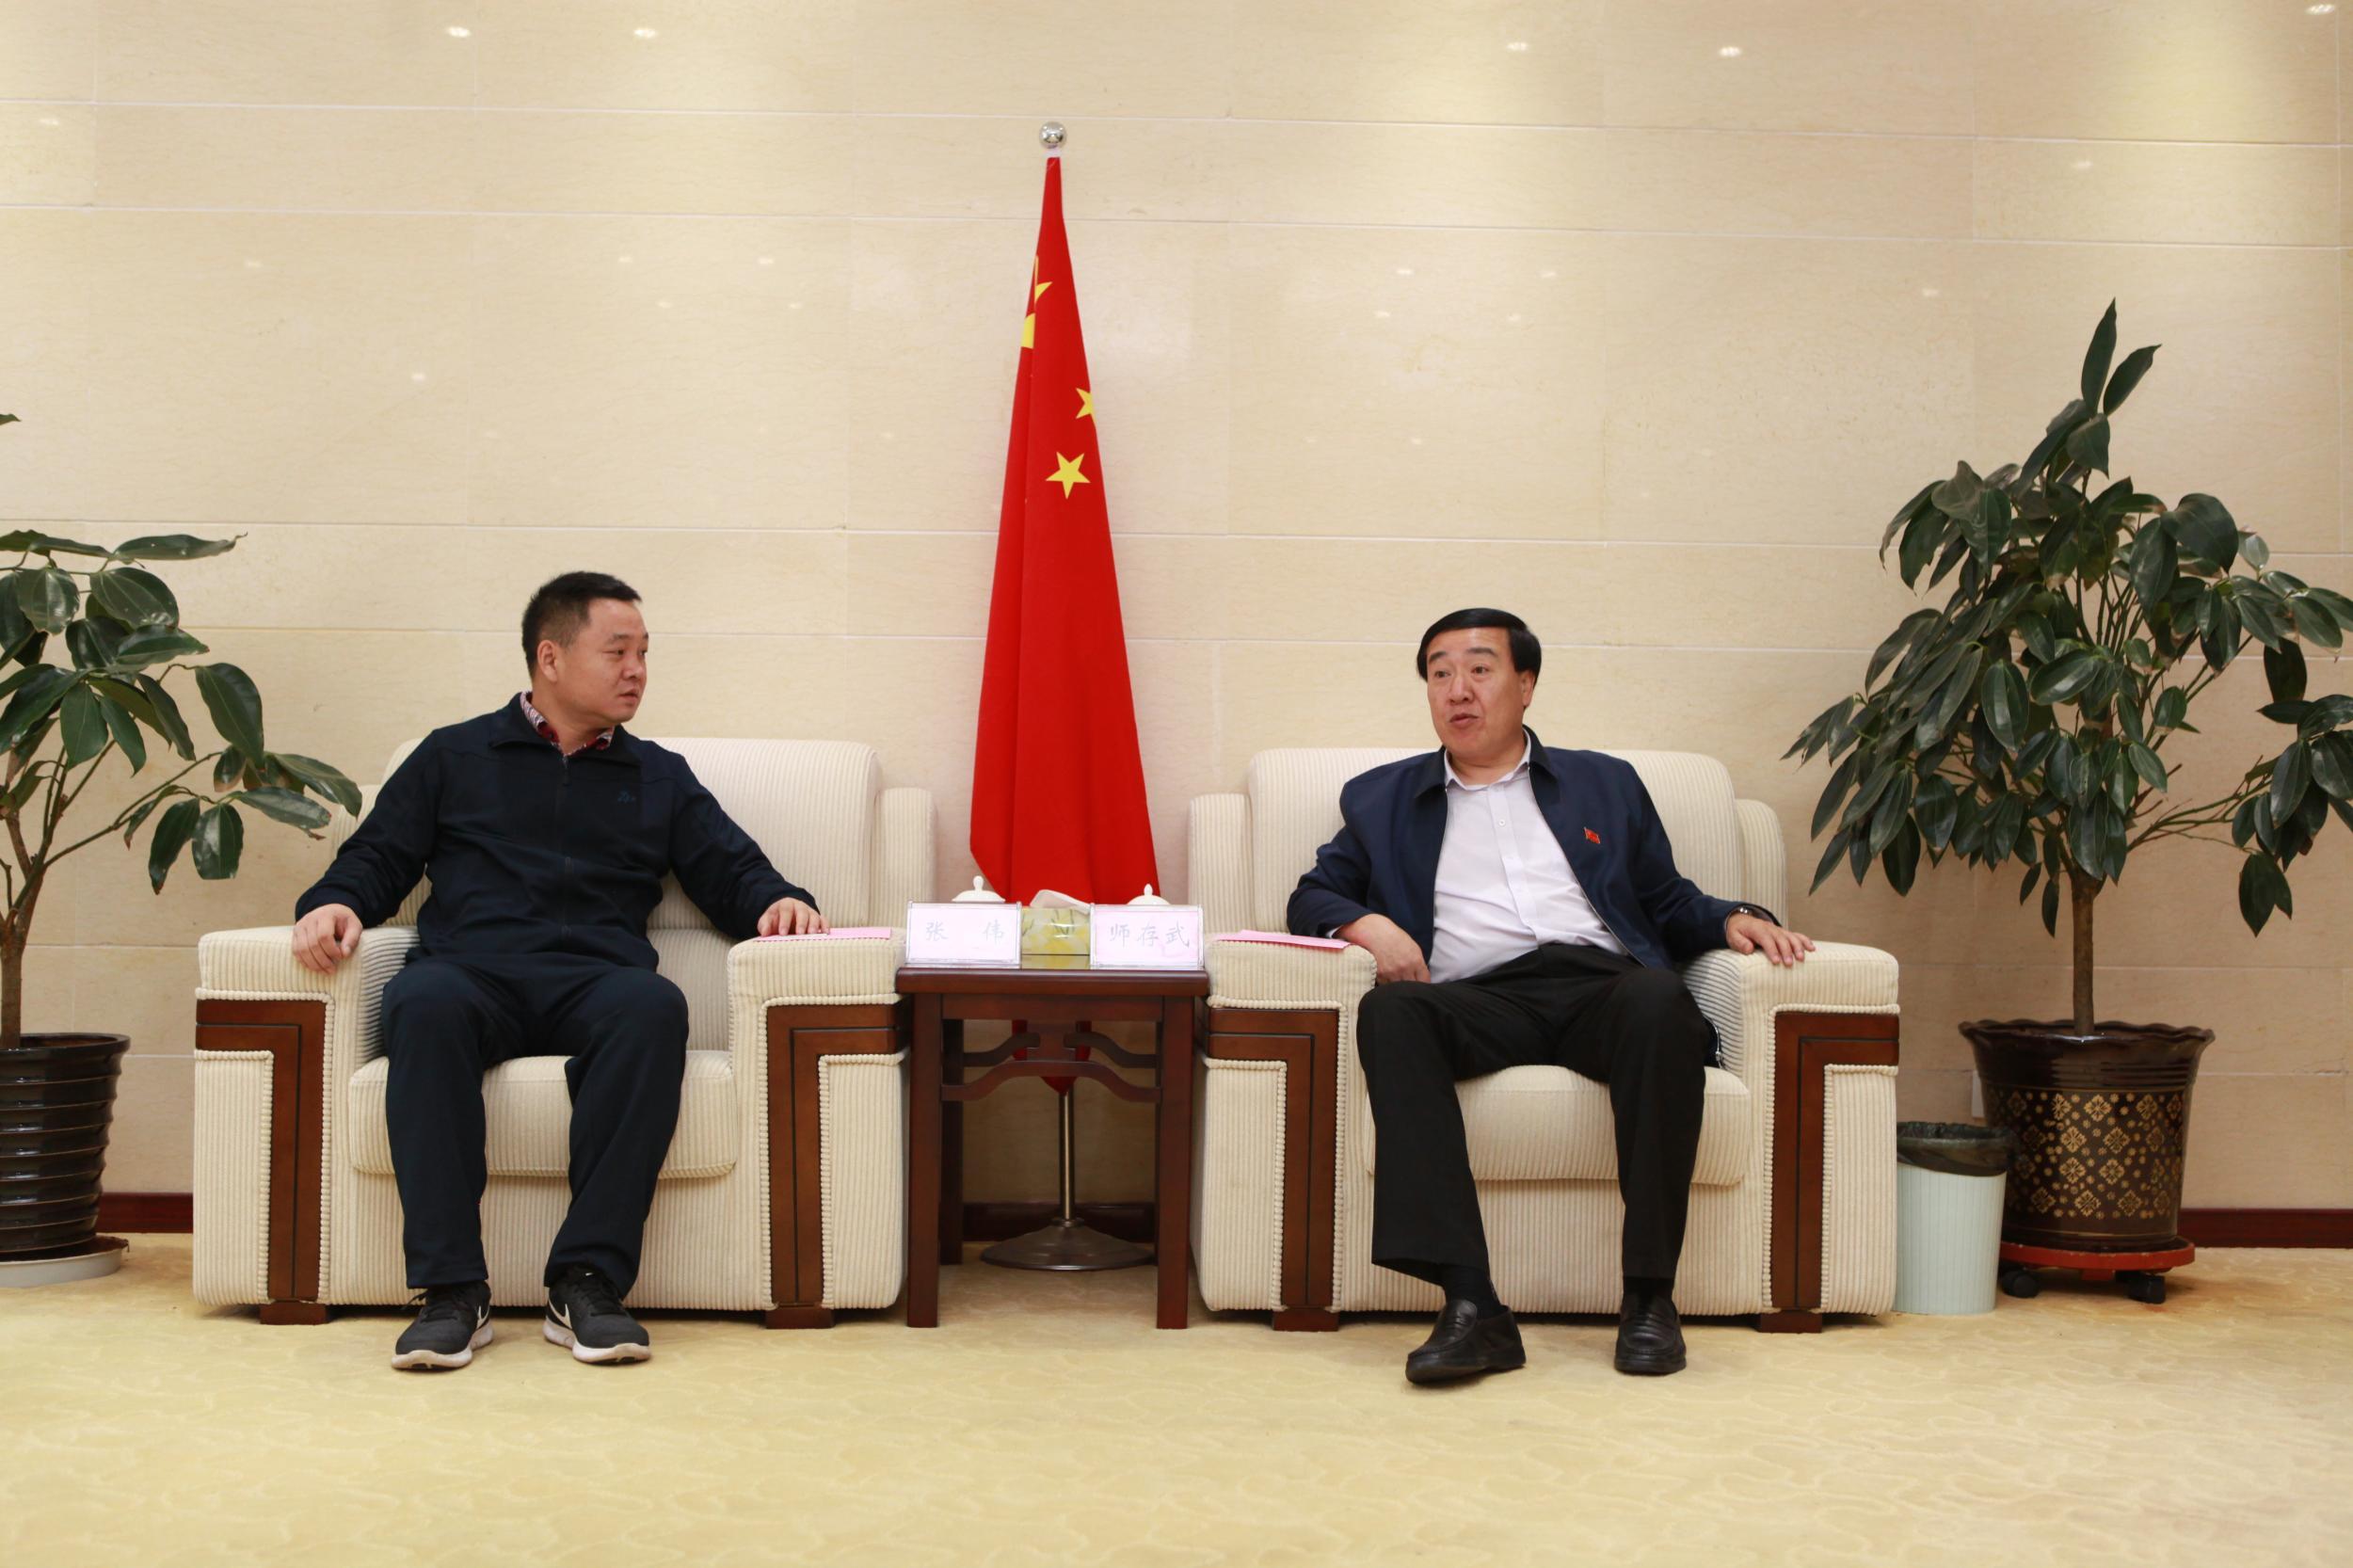 师存武会见珠海格力集团有限公司常务副总裁张伟一行